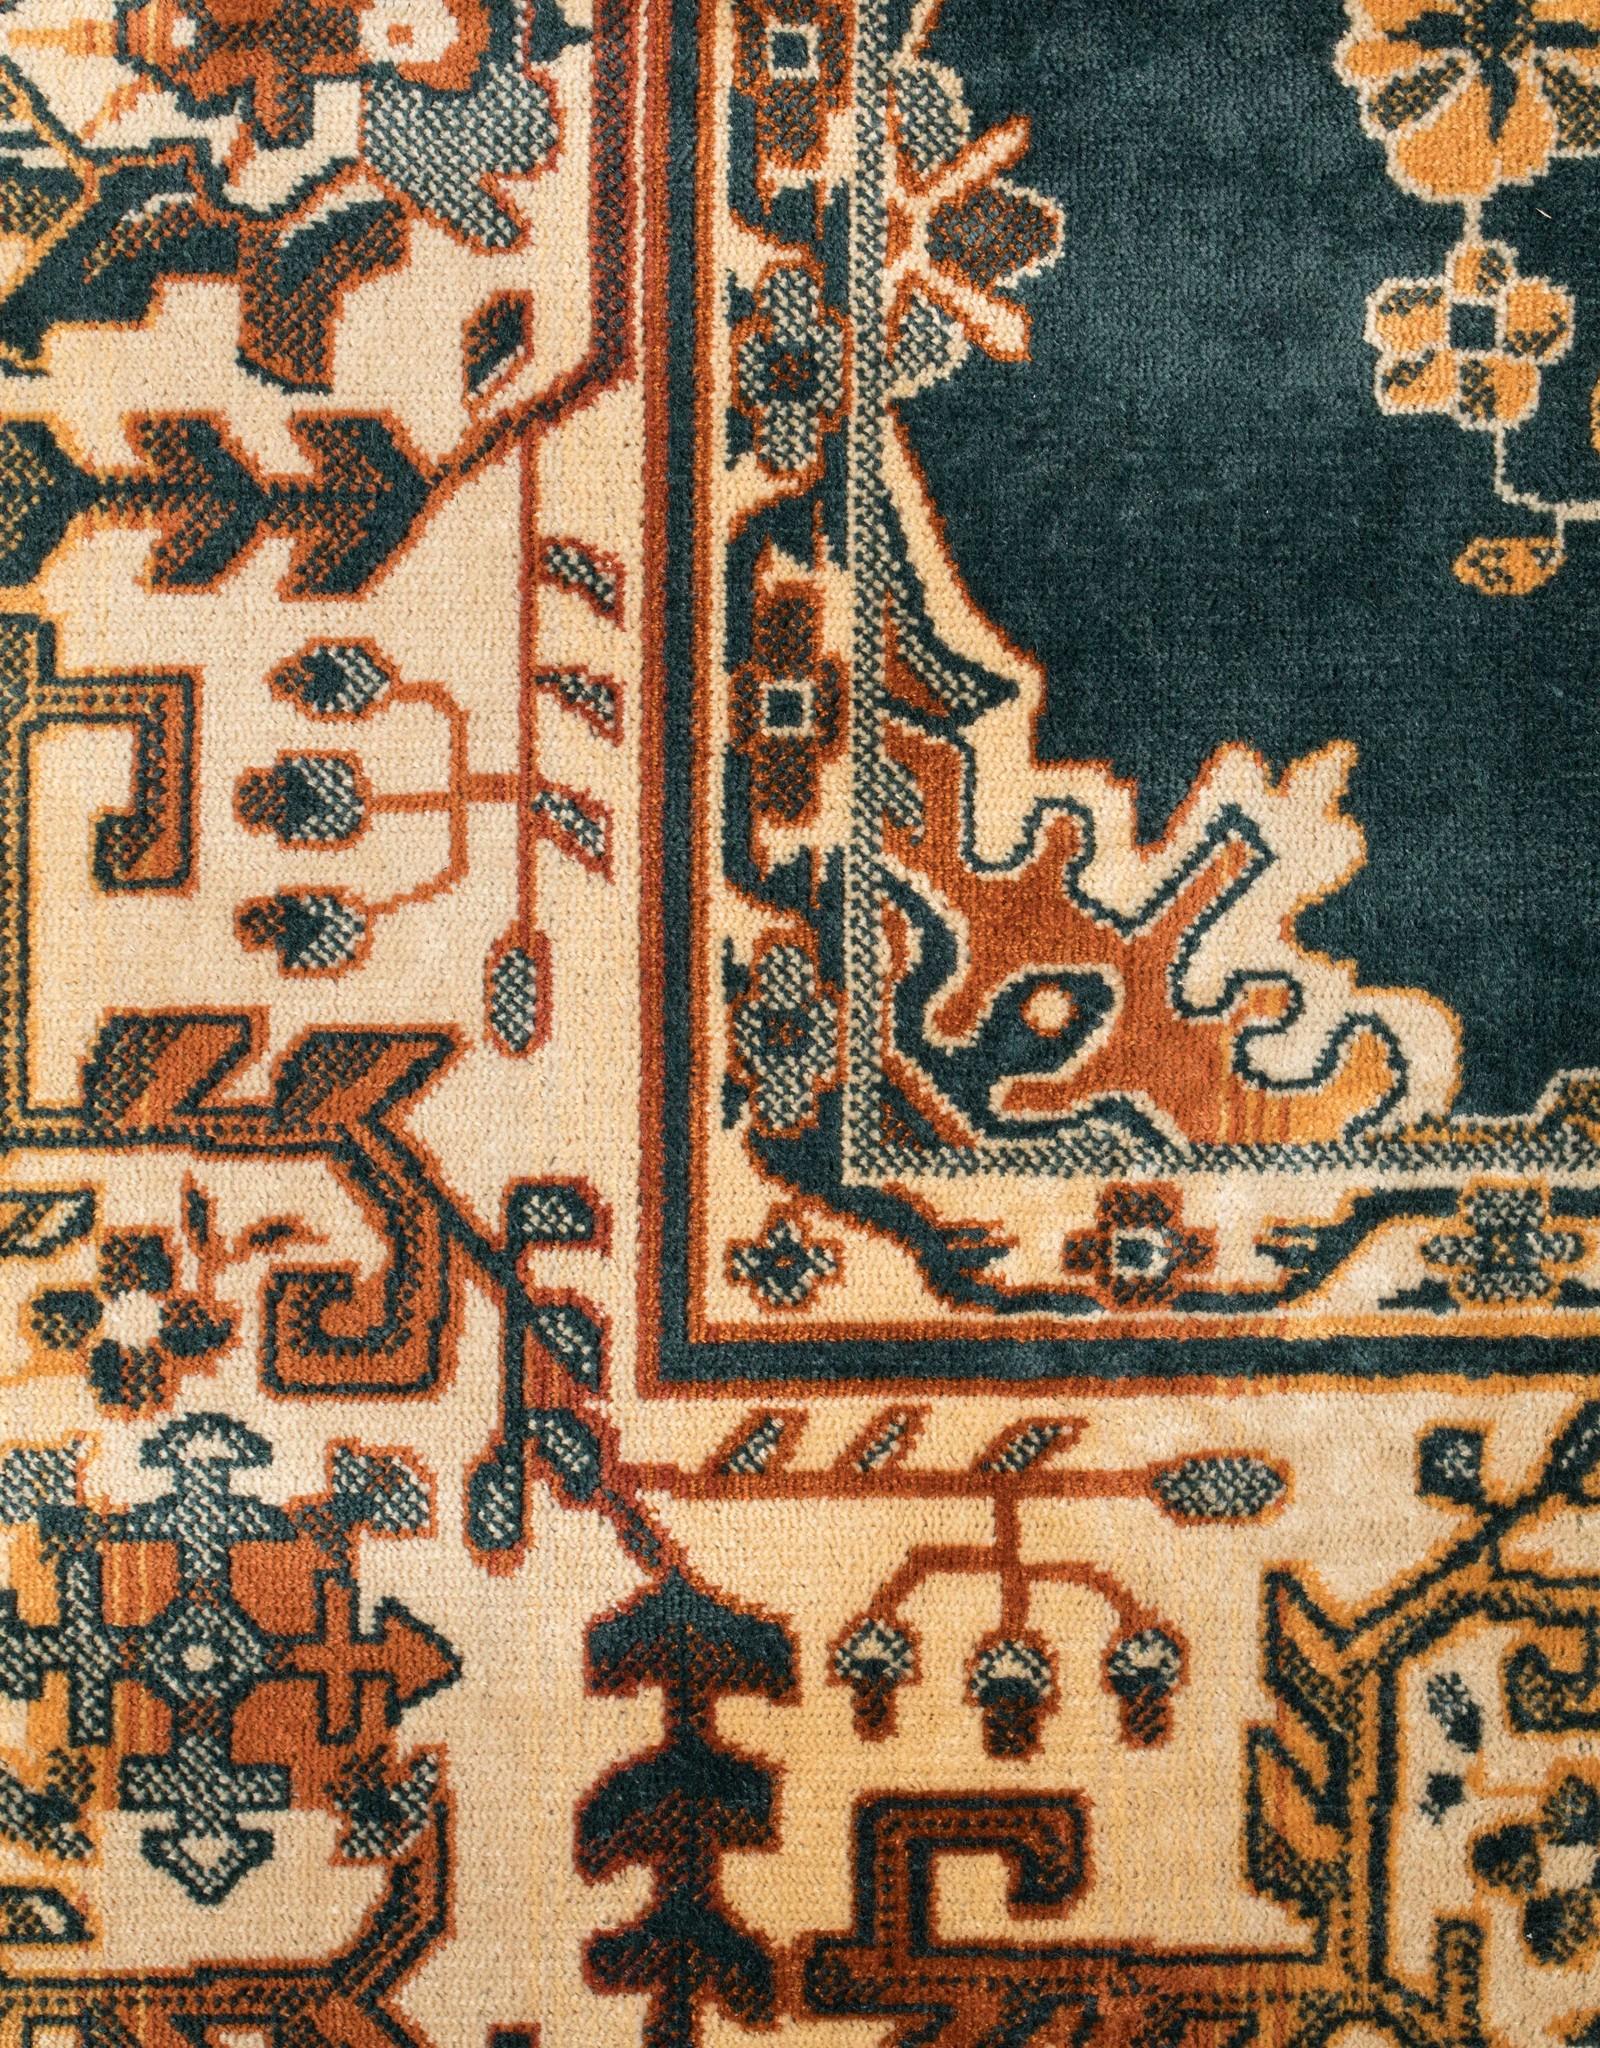 Vloerkleed Orient Express (2 kleuren en 2 maten)